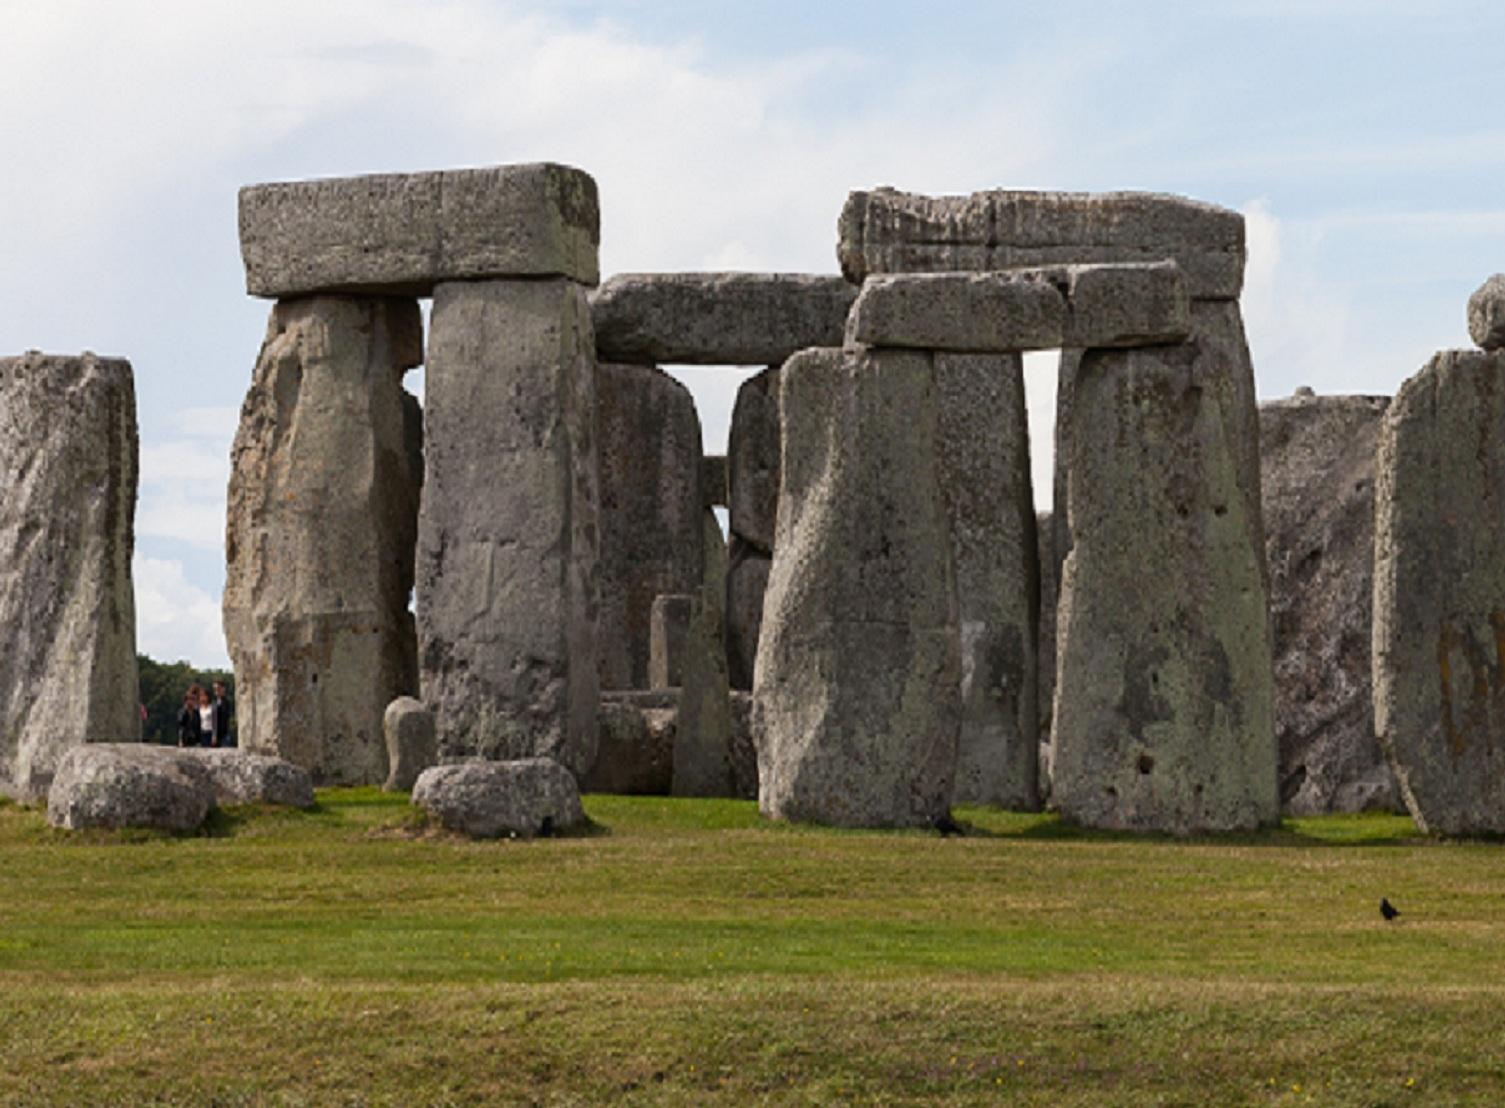 Stonehenge, Condado de Wiltshire, Inglaterra (2014-08-12). Imagen:  Diego Delso. Fuente: Disponible bajo la licencia CC BY-SA 4.0 vía Wikimedia Commons .